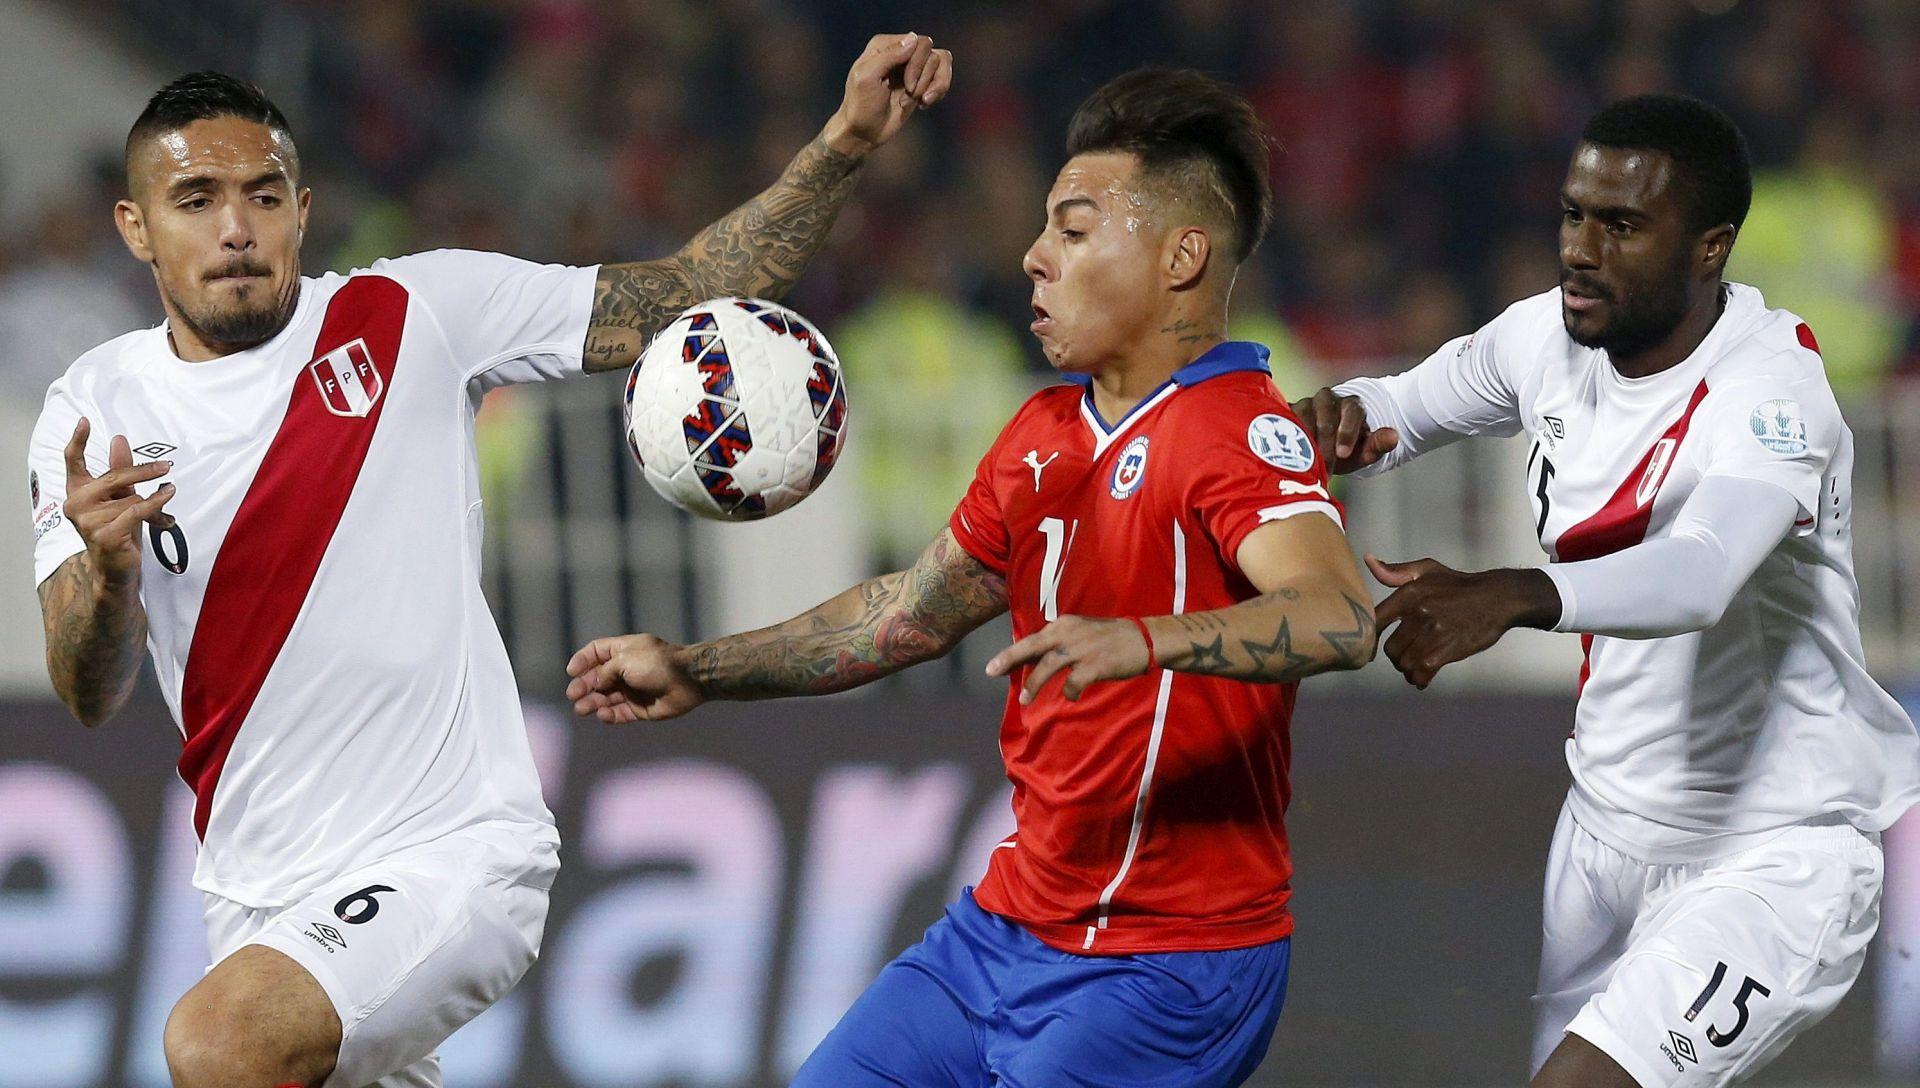 COPA AMERICA Čile u finalu, a Vargas junak